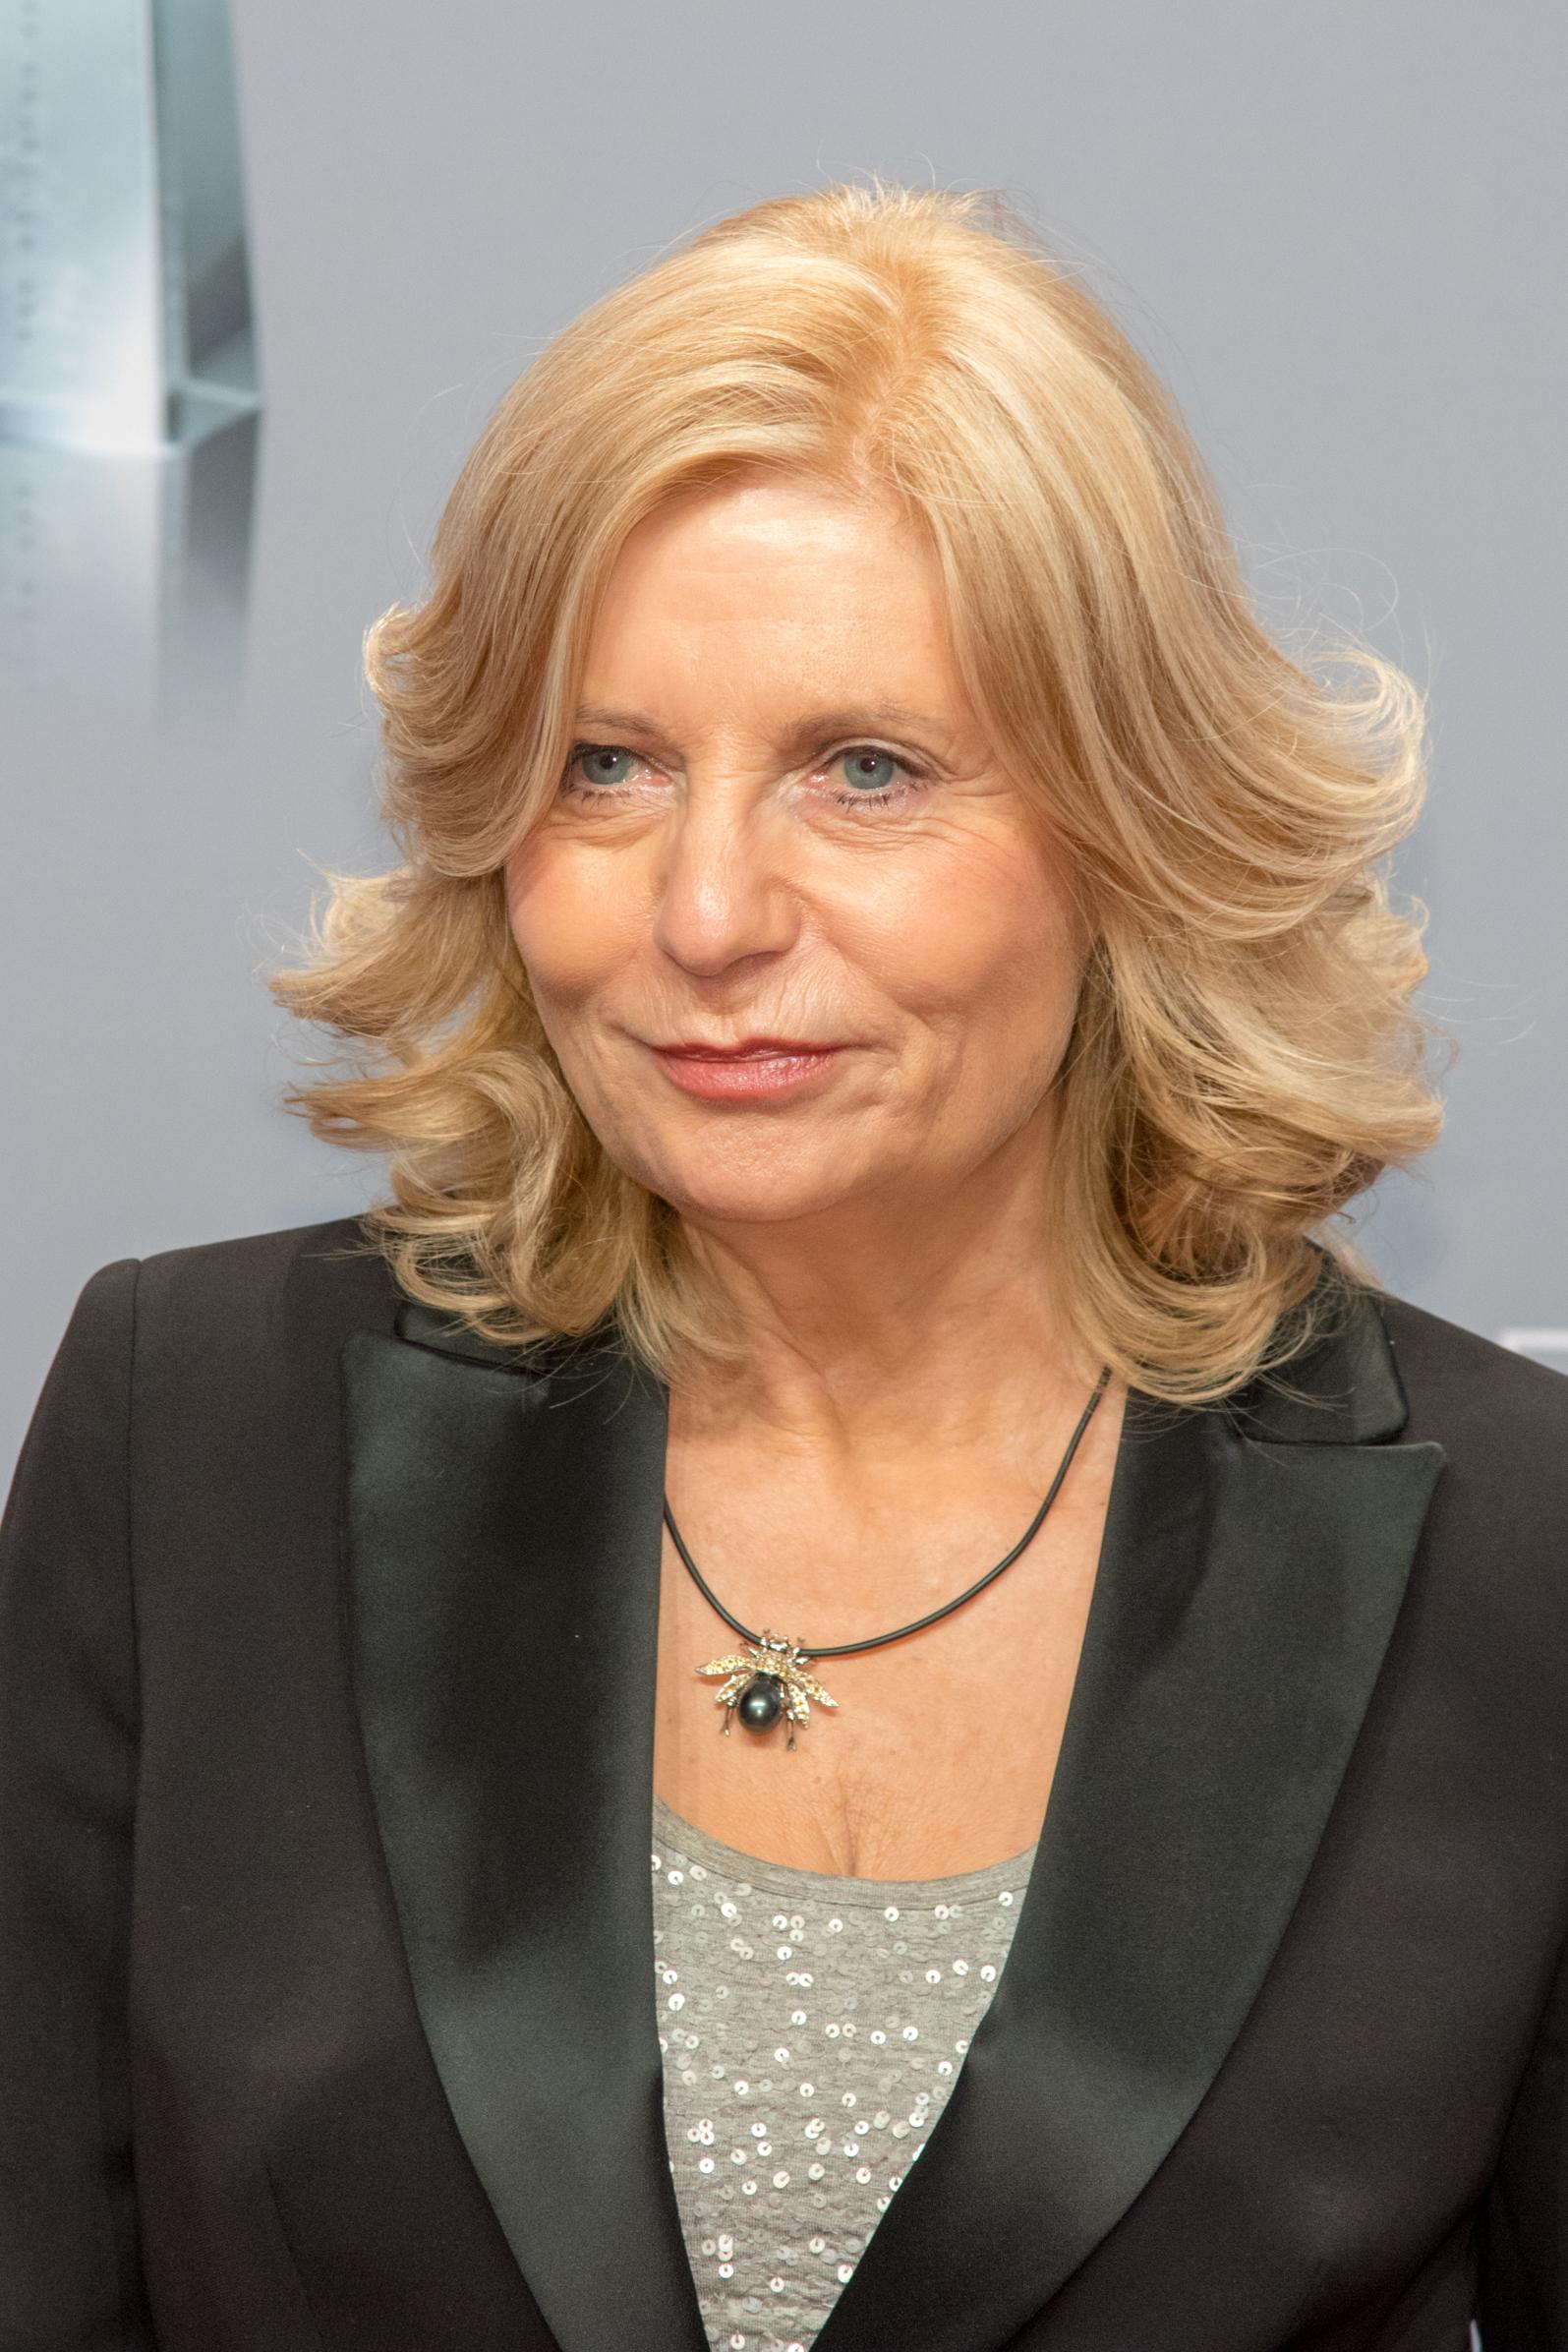 Sabine Postel Freund Vermgen Gre Tattoo Herkunft